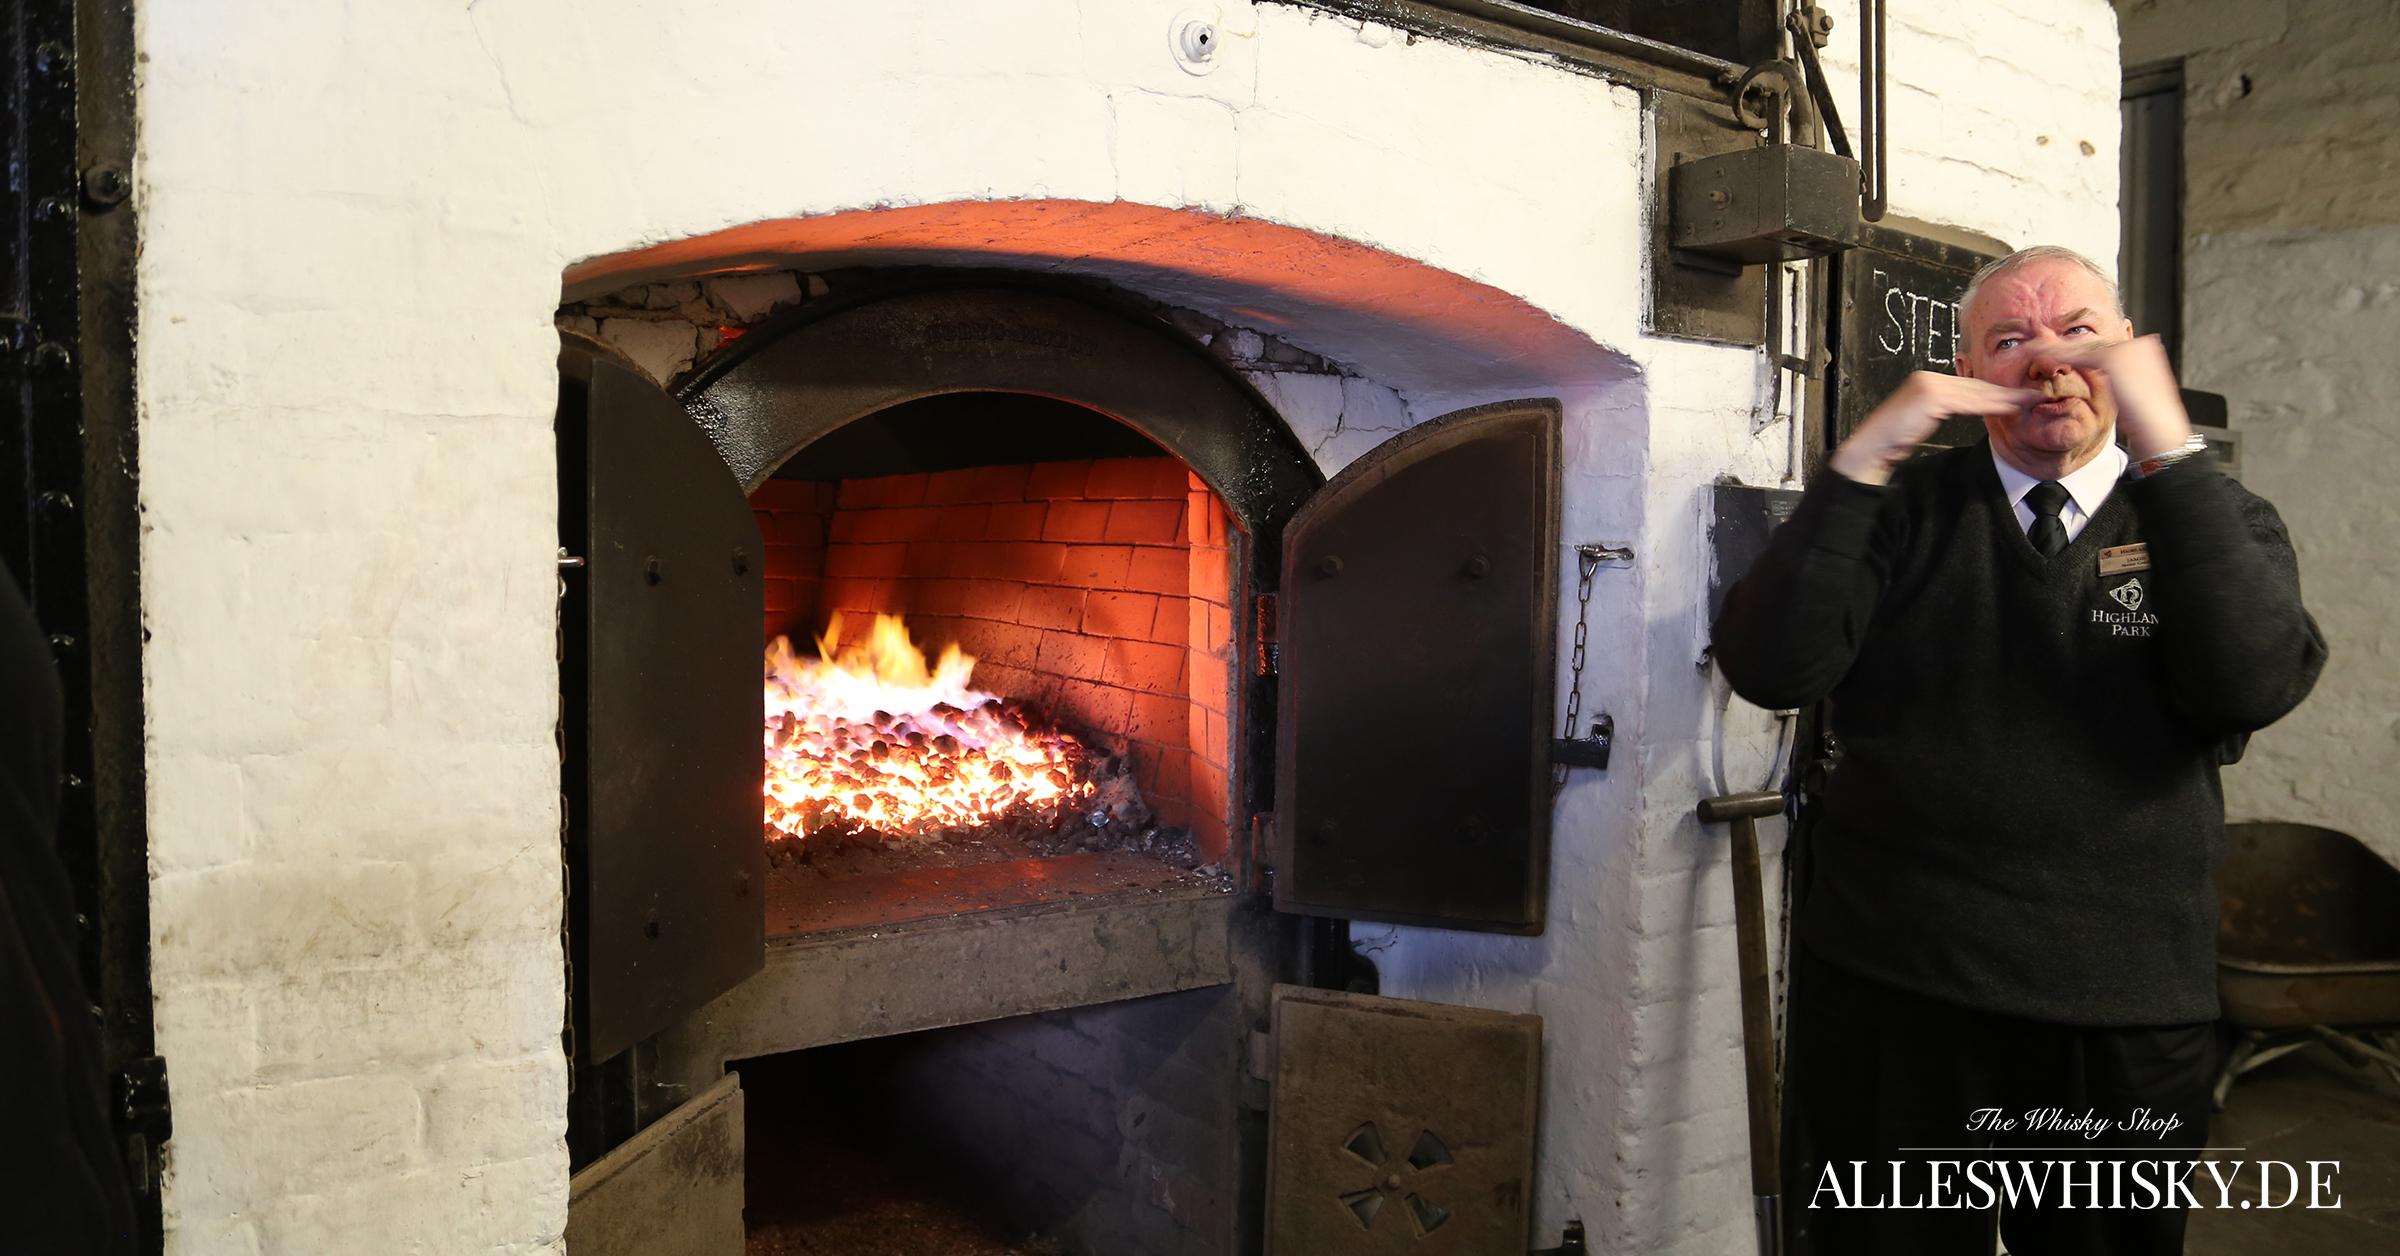 Highland Park - Der Kiln brennt und der Tourguide James erklärt dazu